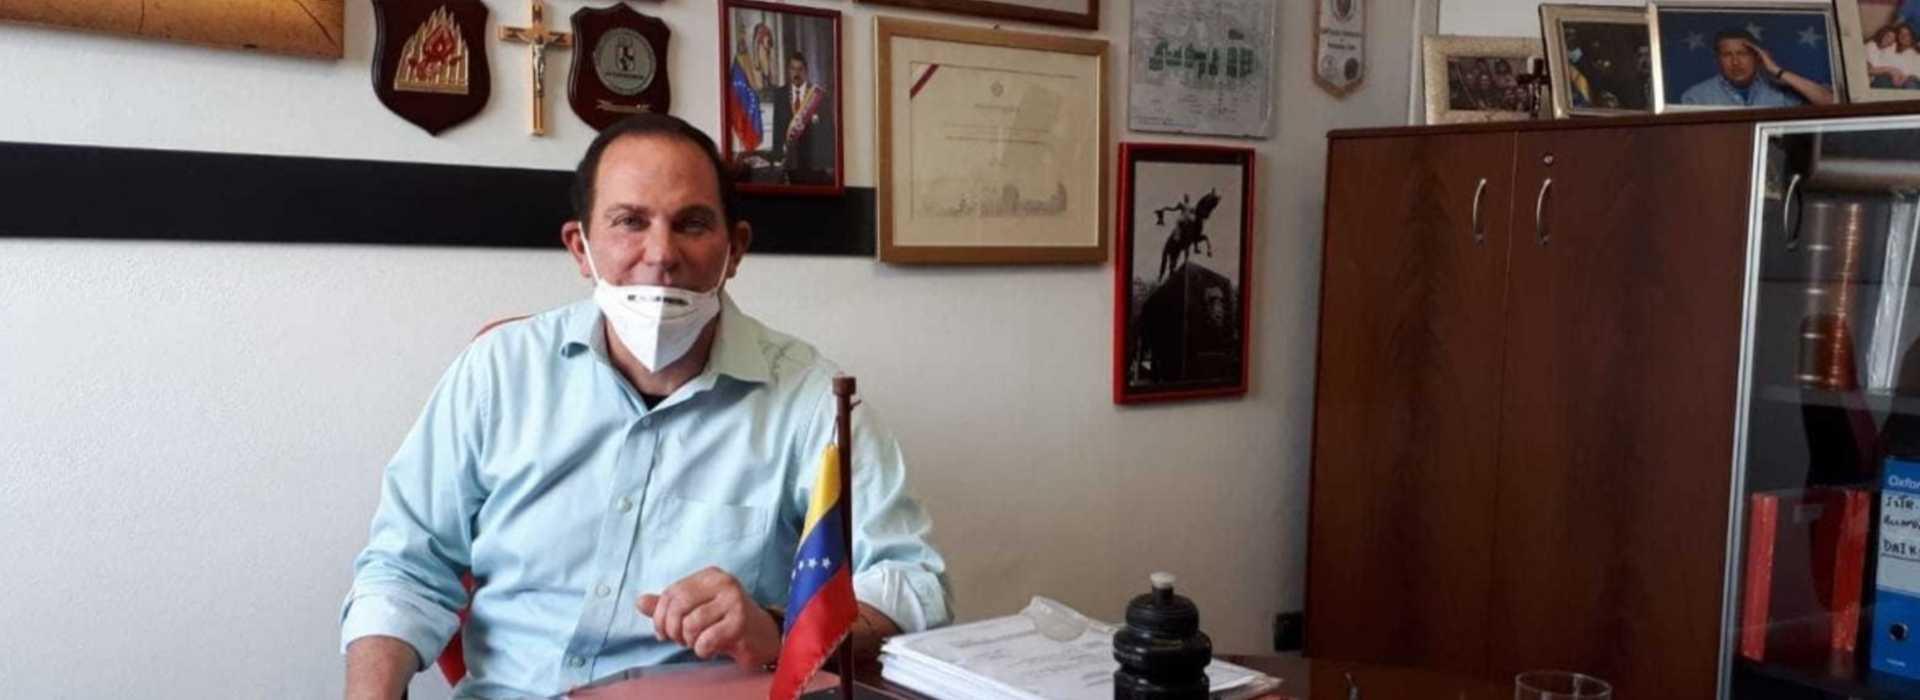 Finanziamento al M5s, il console Di Martino: operazione voluta dall'ultradestra venezuelana insieme a quella italiana